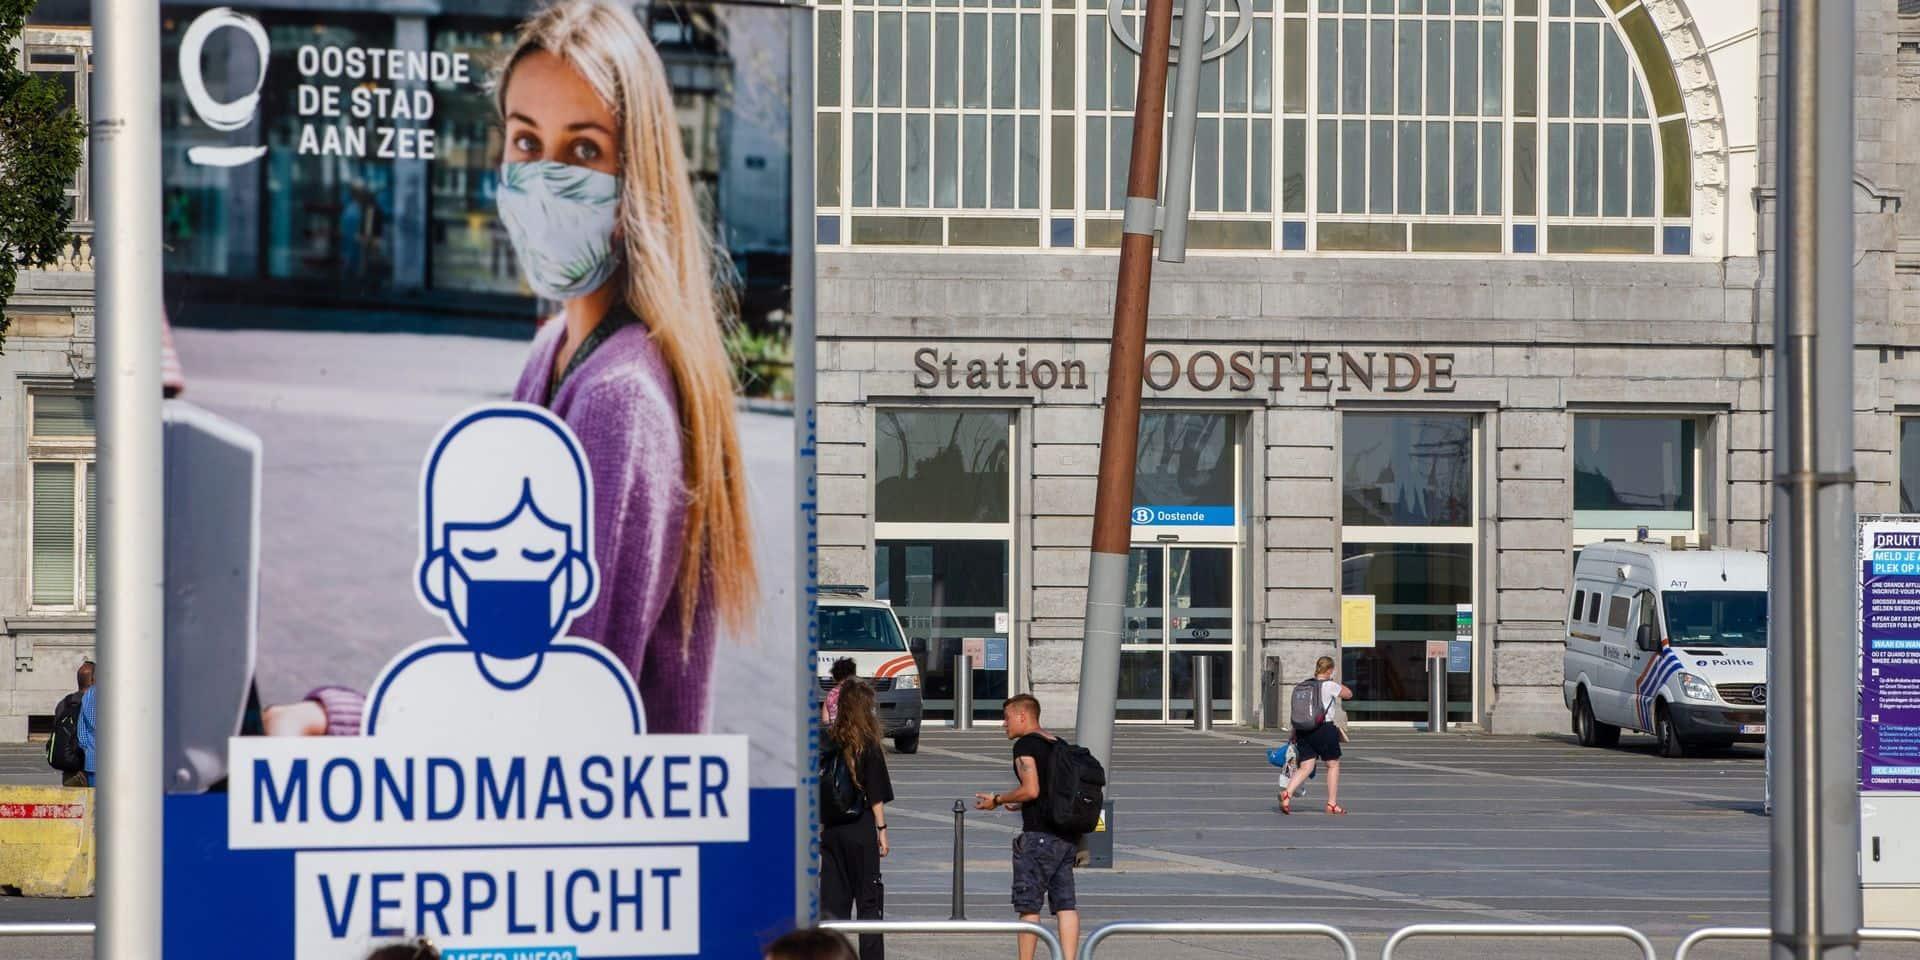 Une marche contre le racisme à Ostende, en réponse à une marche contre l'impunité